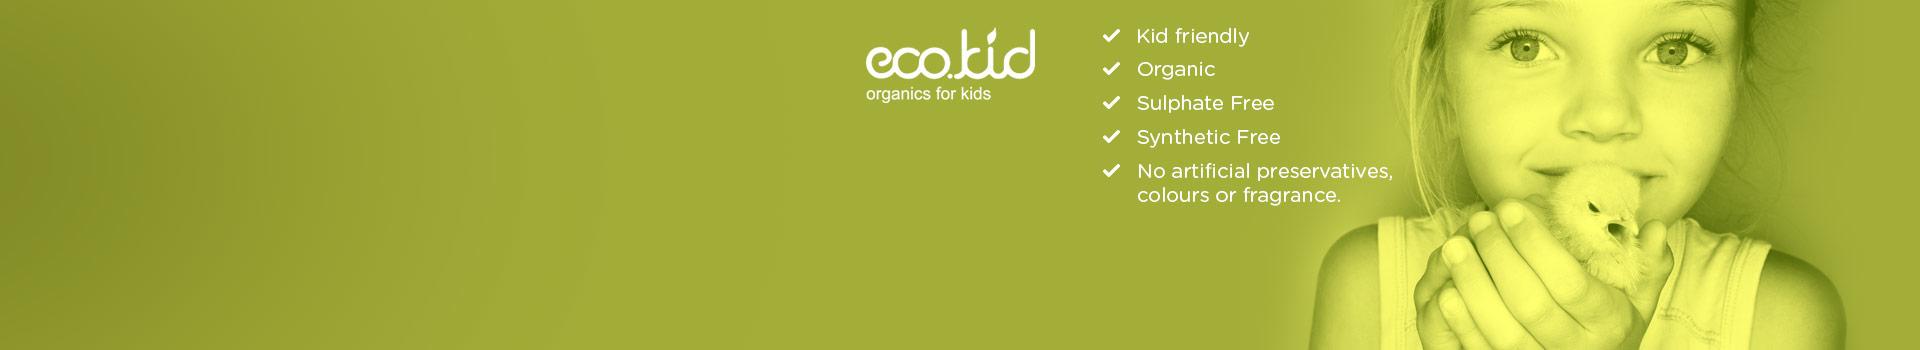 Eco Kid